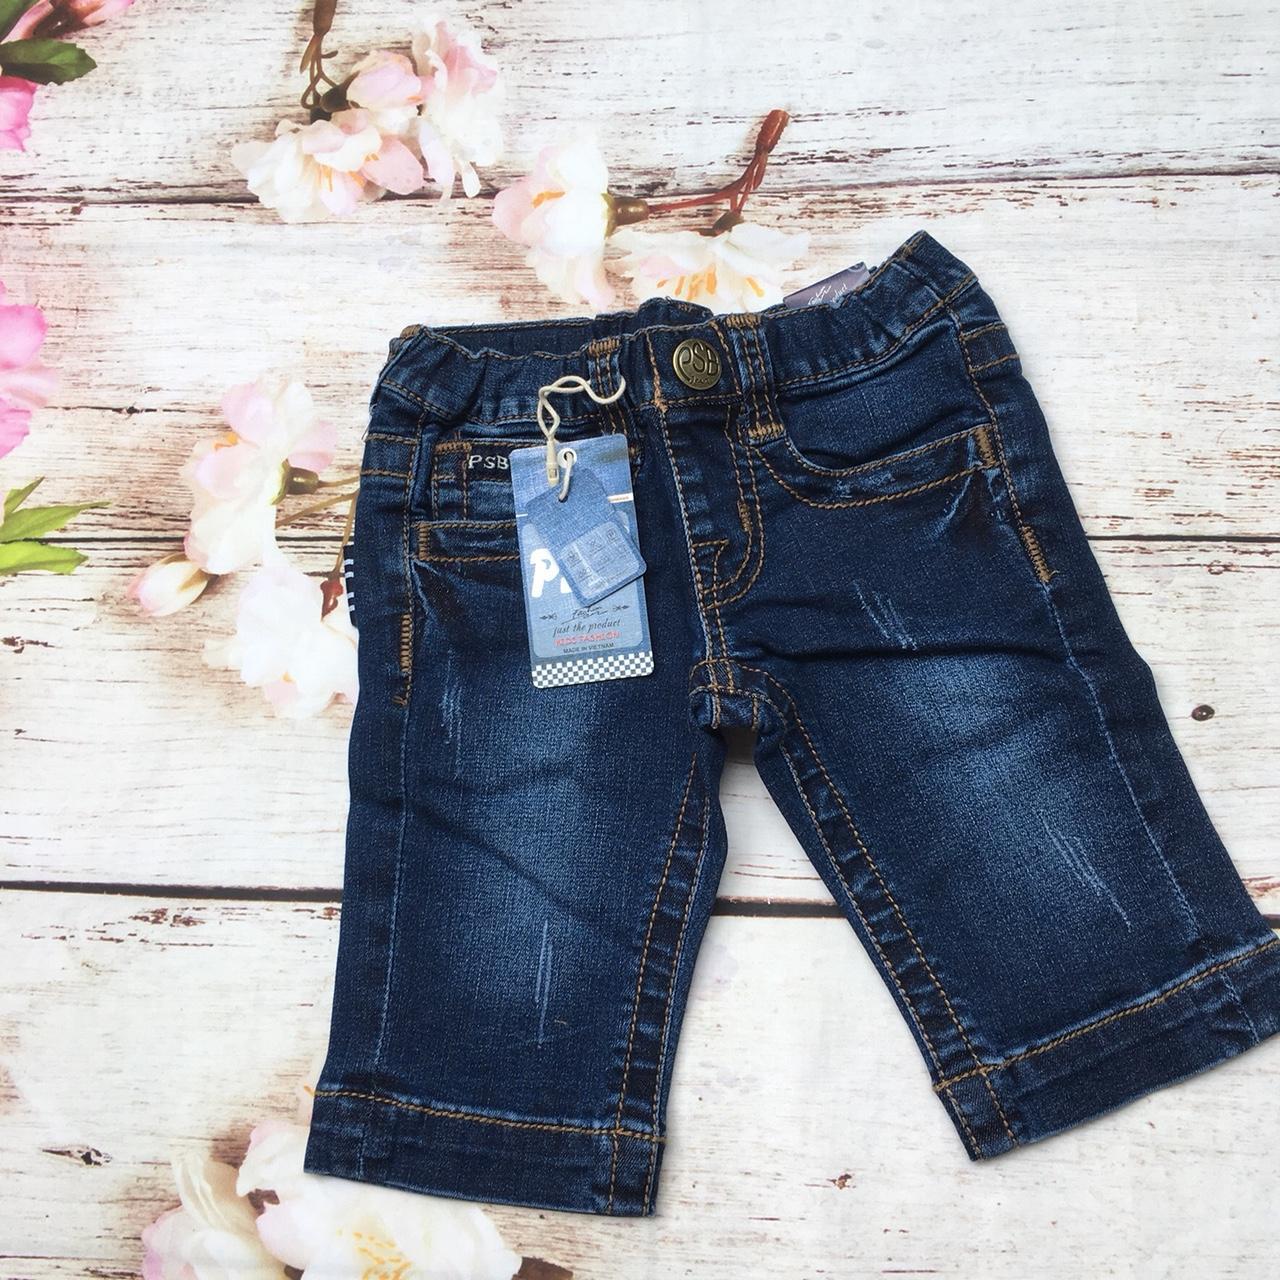 Quần bé gái lửng jean cao cấp lưng thun chỉ to - QG120